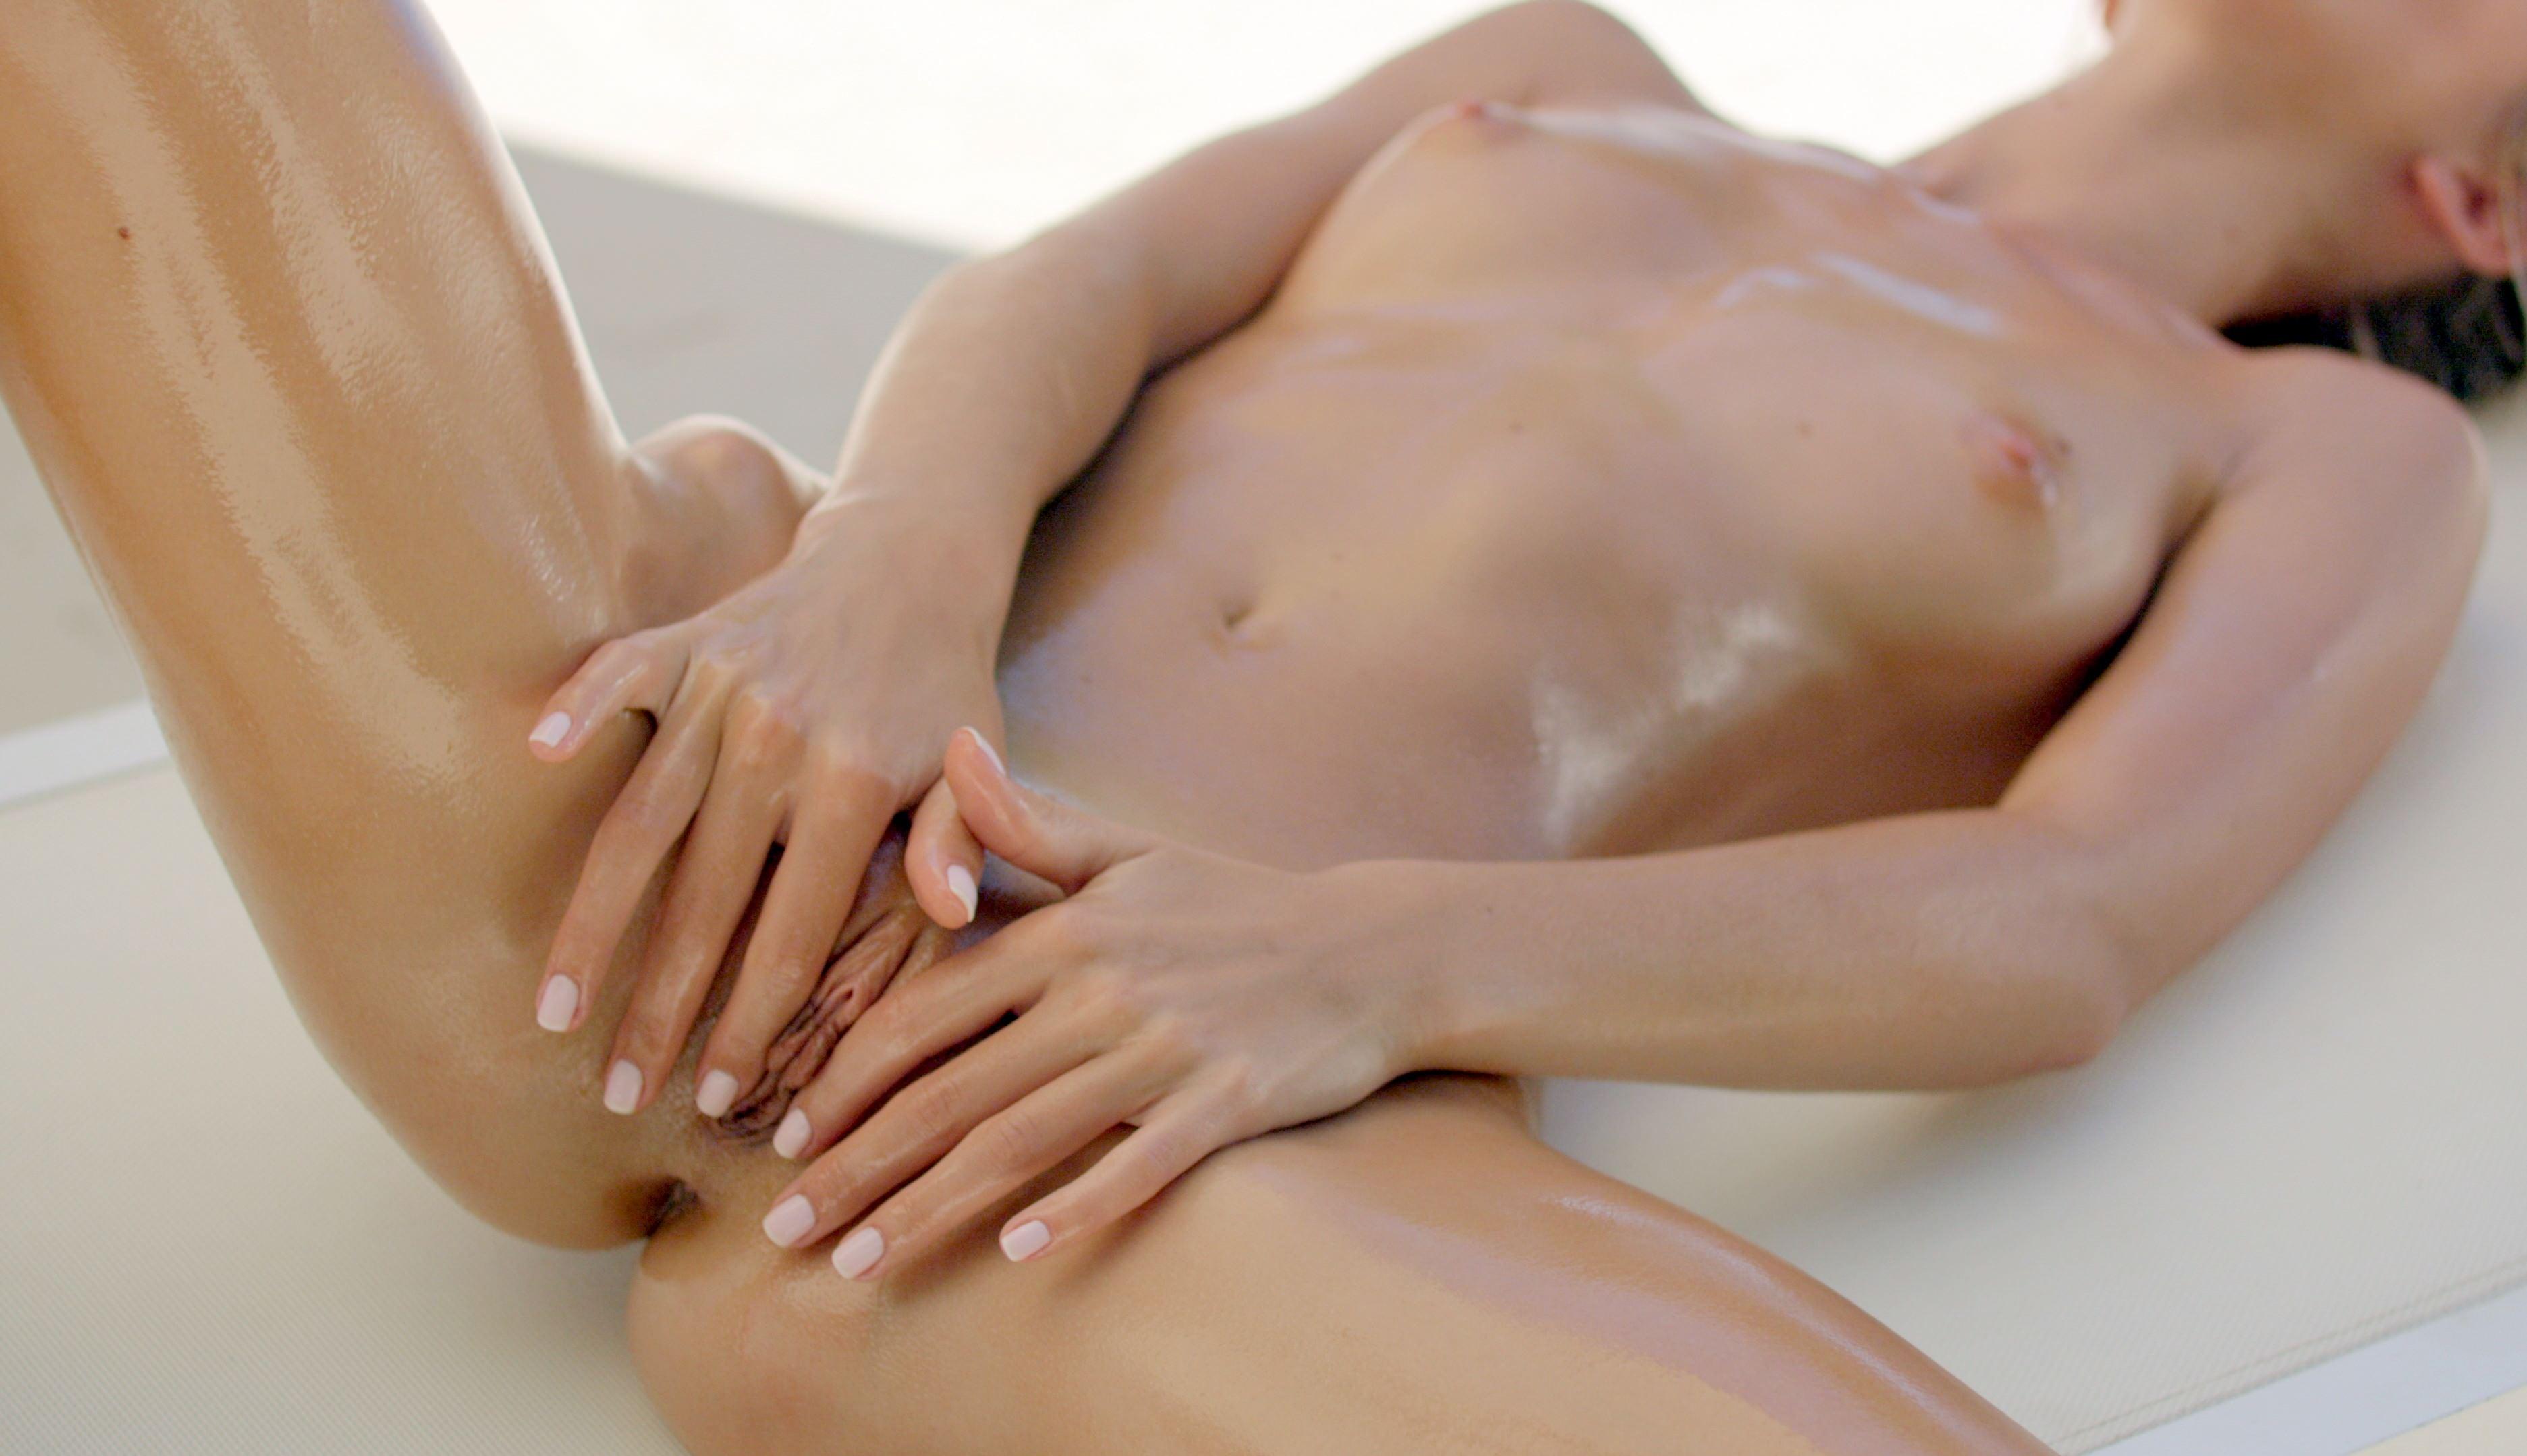 Фото Голая девушка измазана в масле, ляжки блестят, сжимает пизду, сжала половые губы, скачать картинку бесплатно